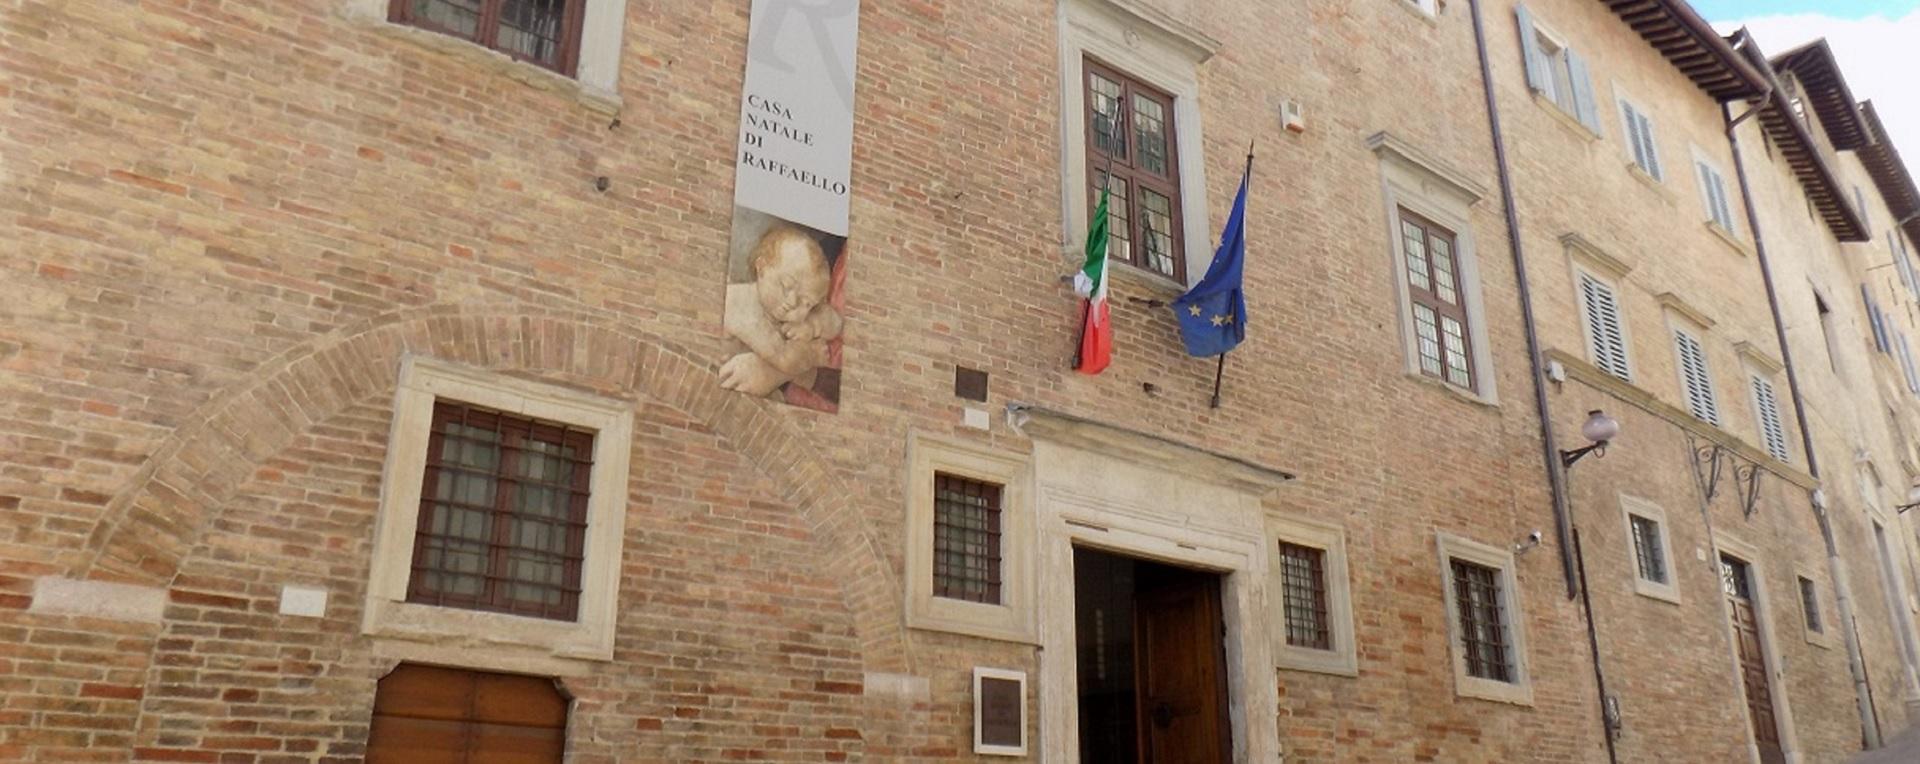 Casa Raffaello Urbino Ducale